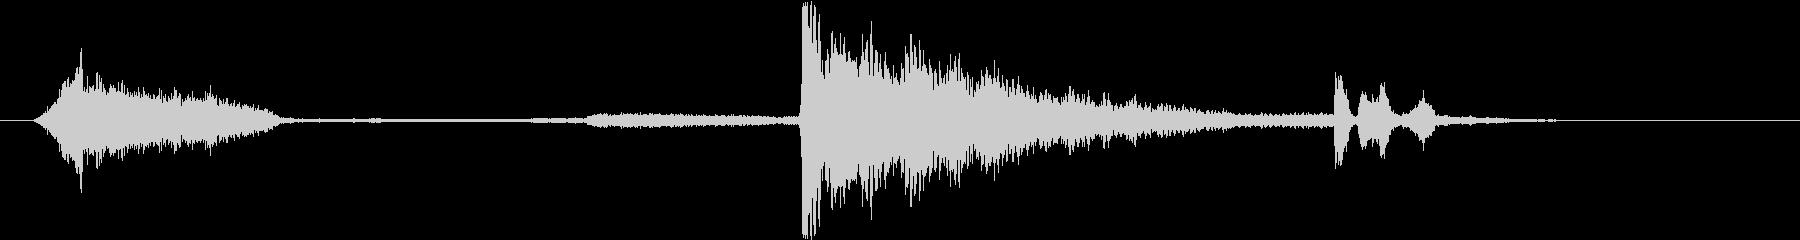 トランジション ヒューシュエア24の未再生の波形